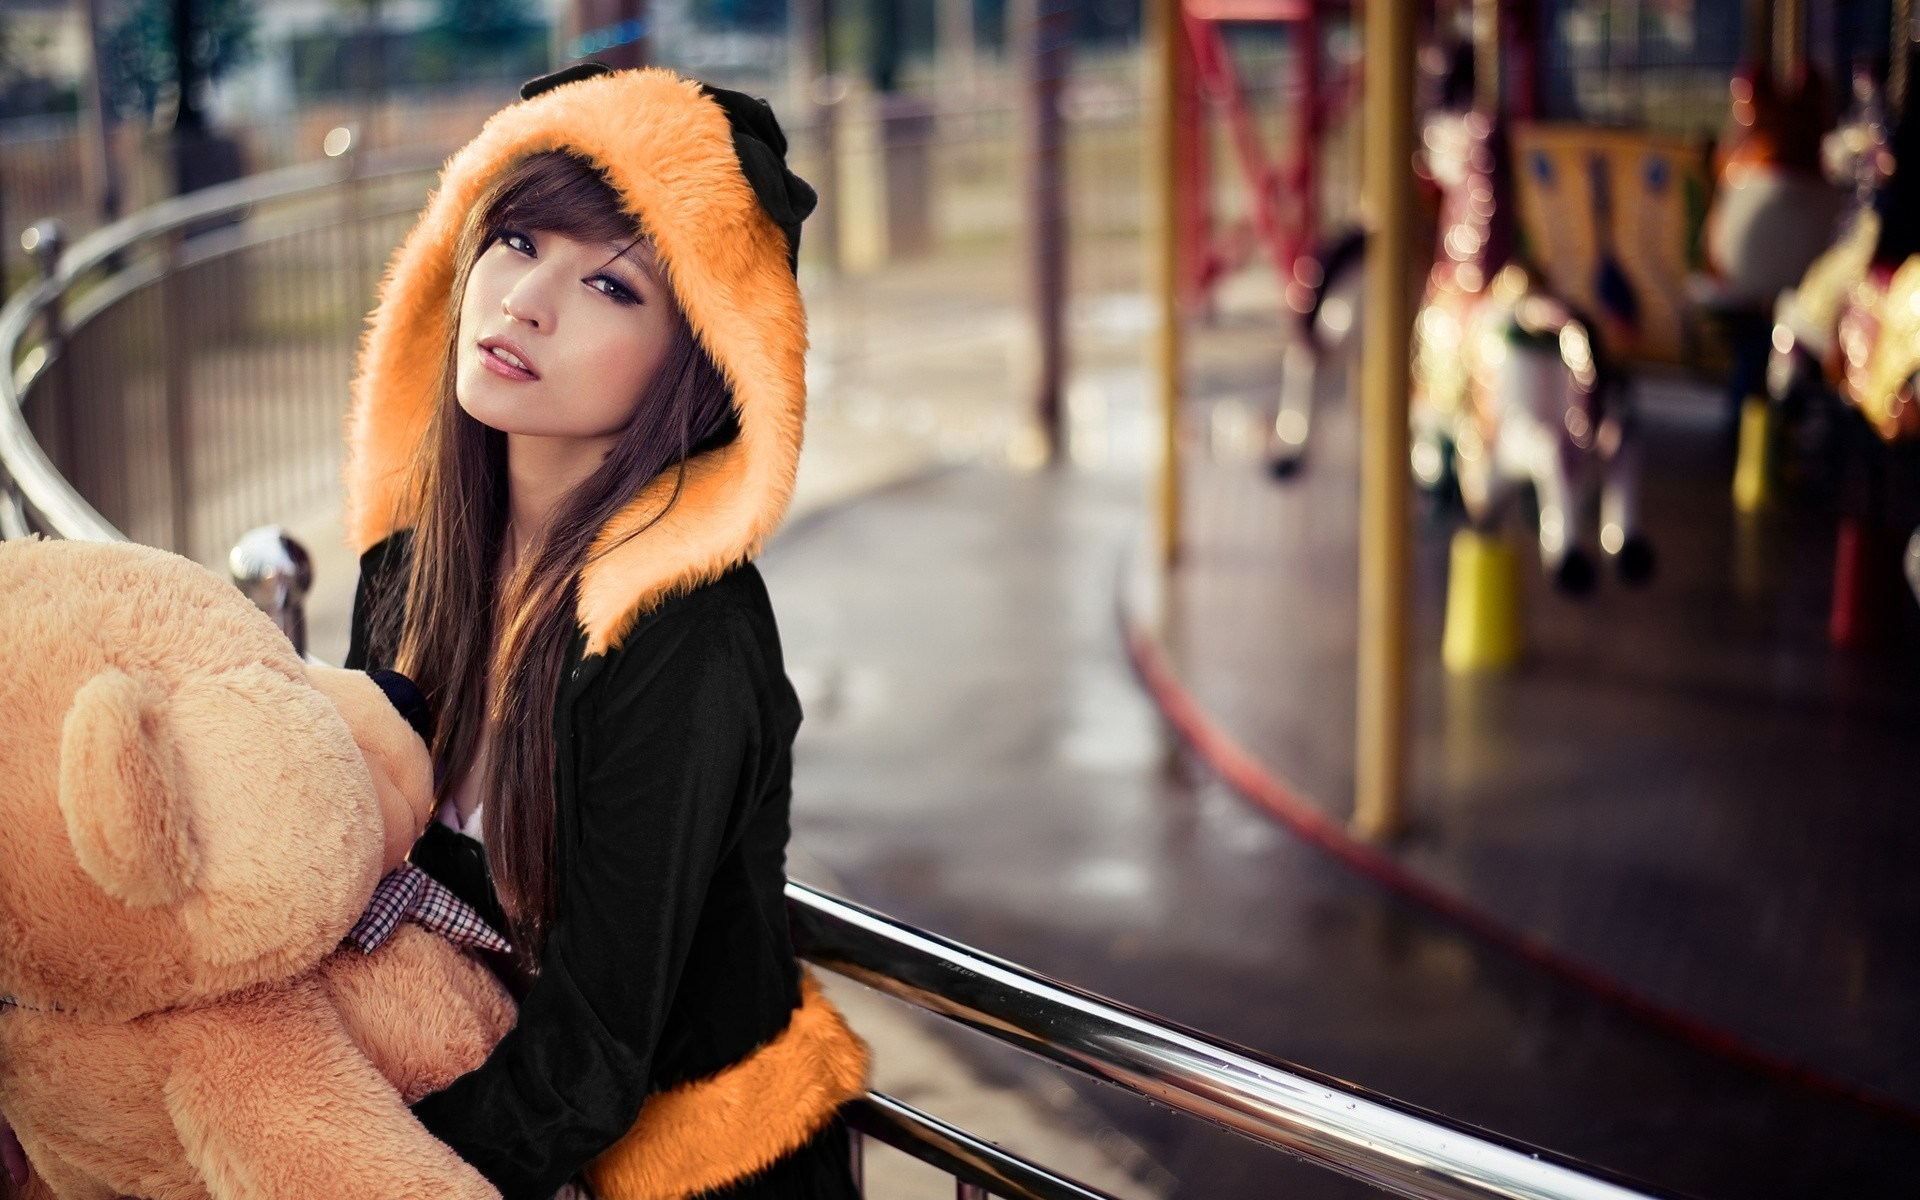 Asian girl #1